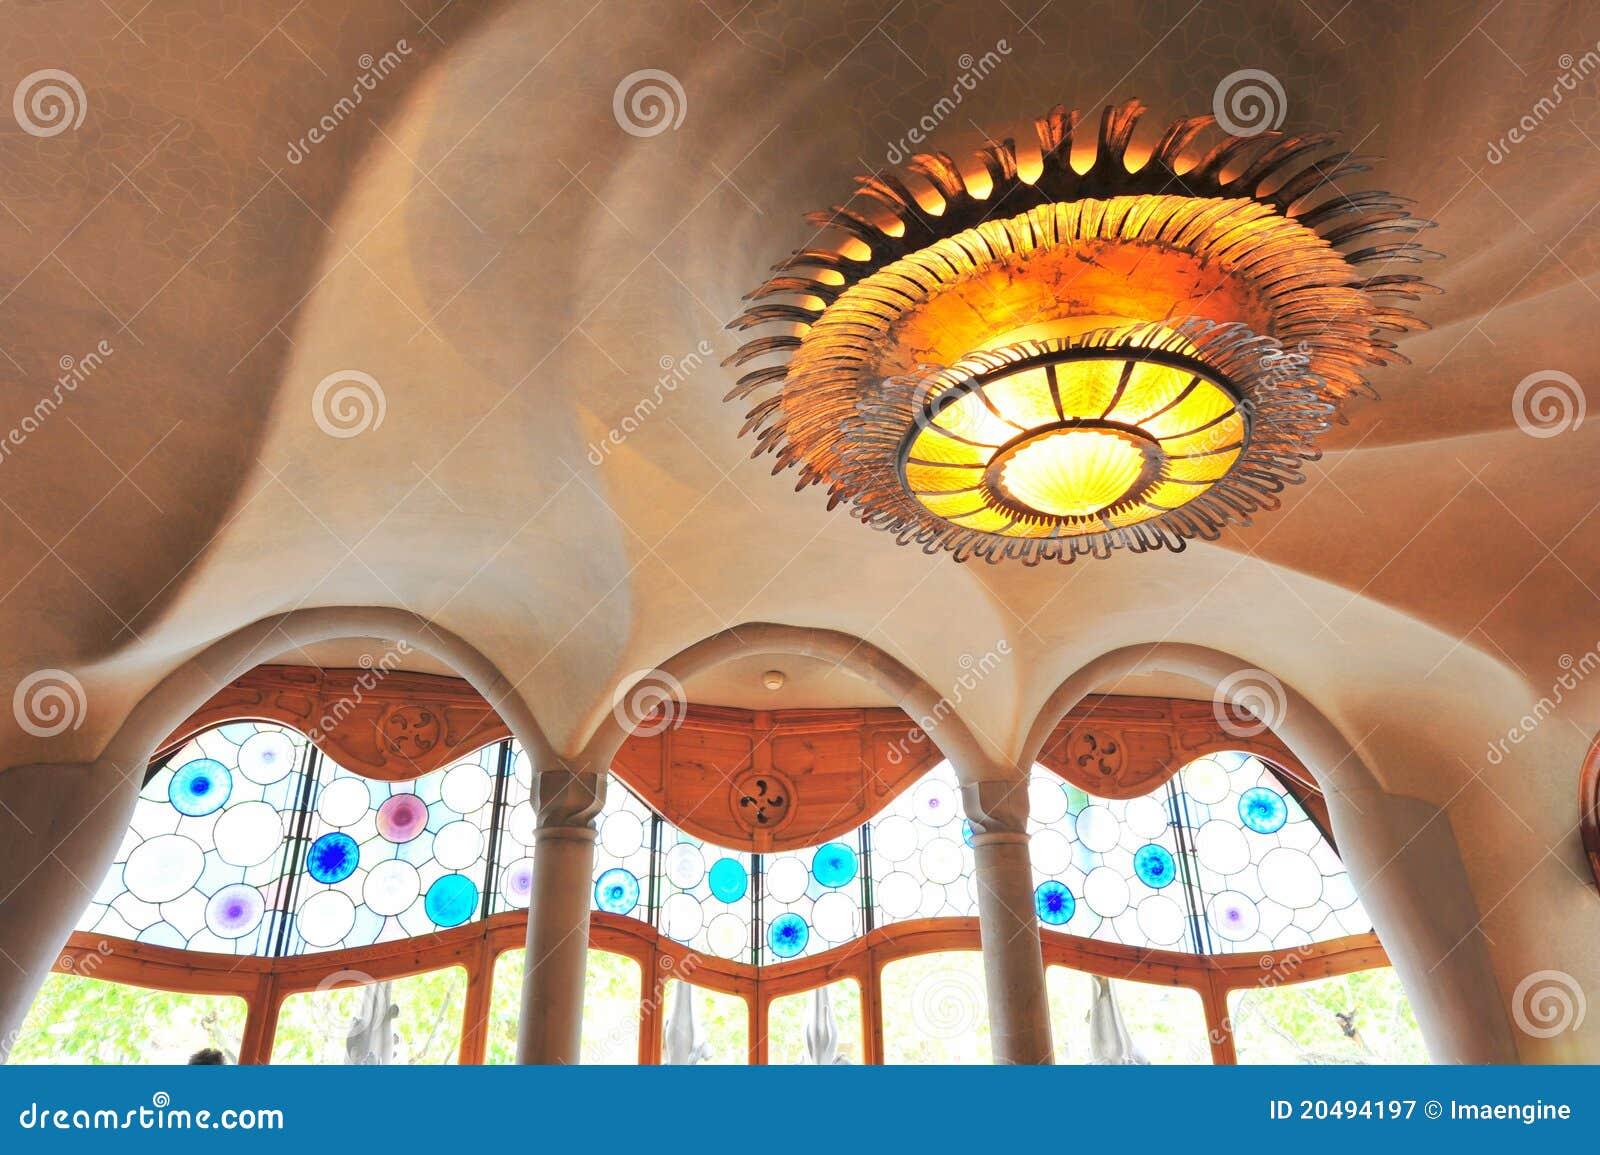 Dise o futurista de interior de casas batllo - Arquitecto espanol famoso ...